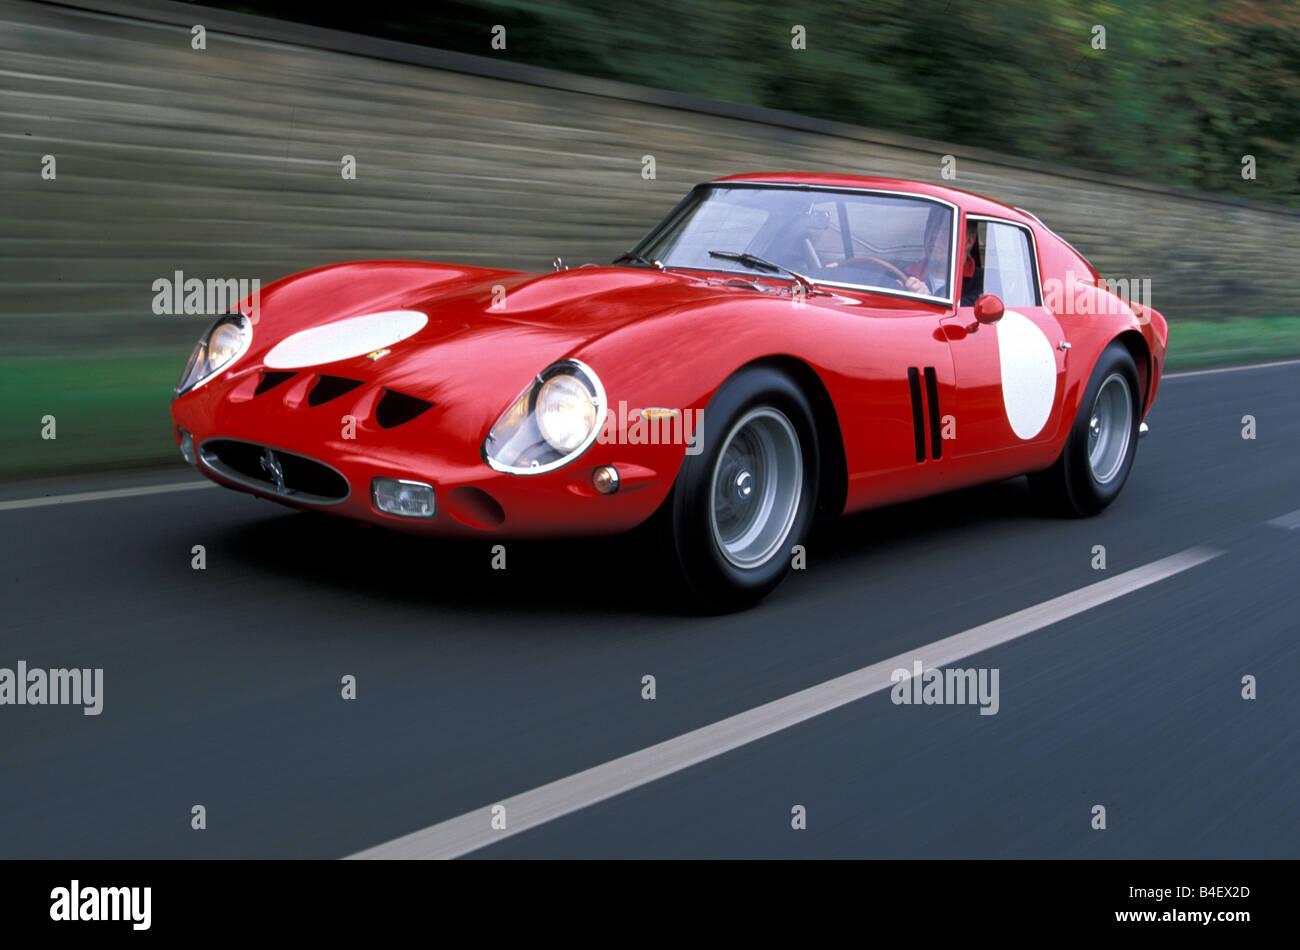 Ferrari by year